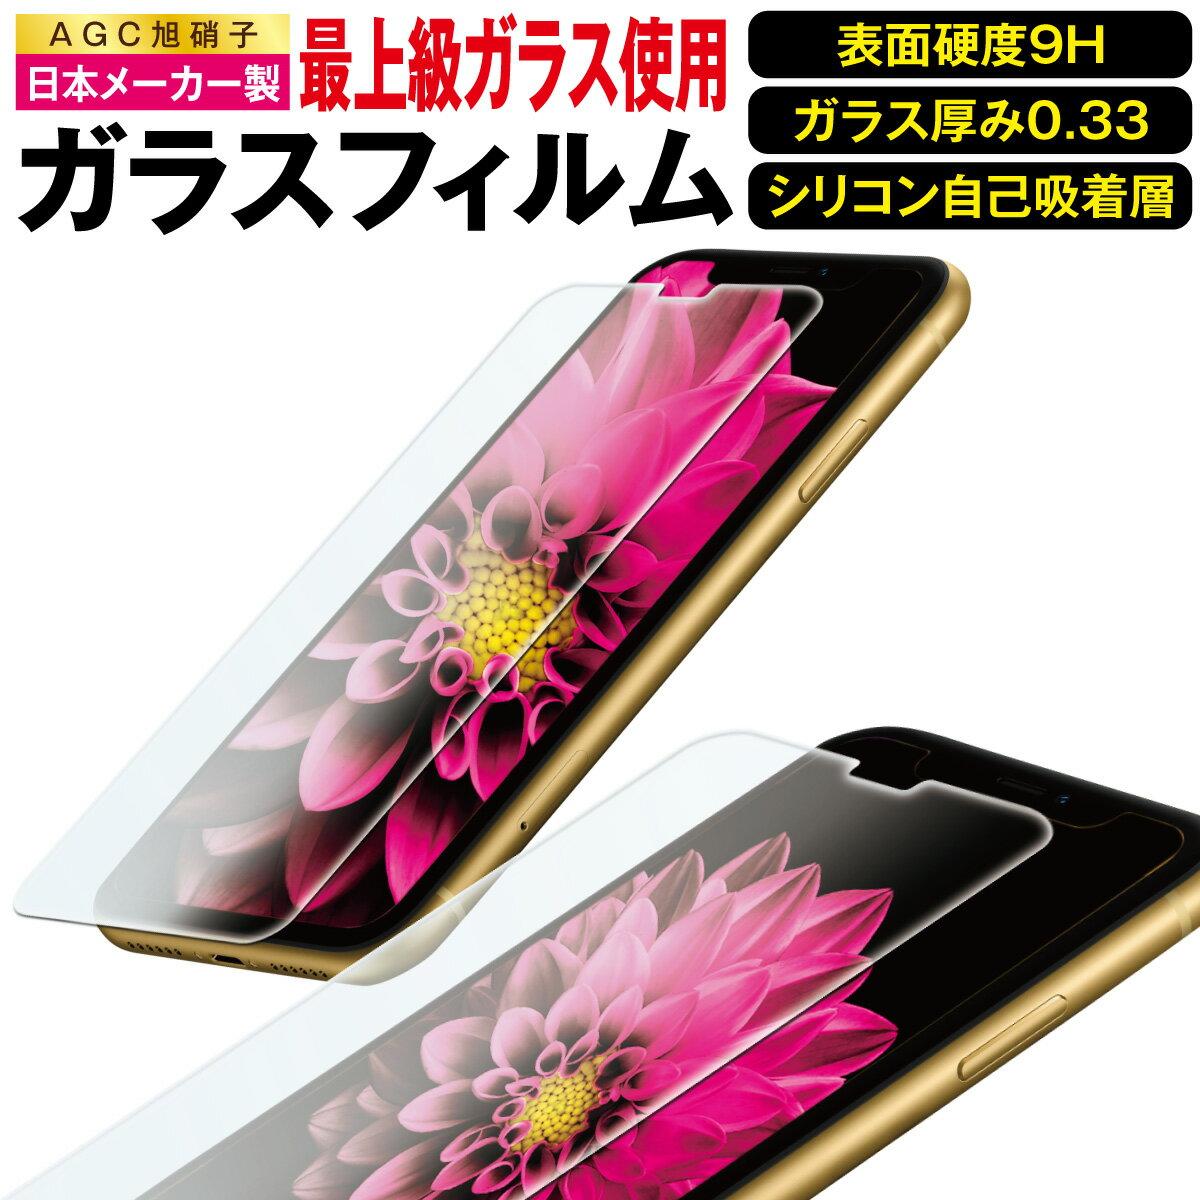 送料無料 保護フィルム iPhoneX iPhone8 iPhone7 iPhone6s iPhpne6 Plus iPhone SE iPhone5s 5c Xperia Z5 Z4 Z3 SO-03H SO-02H SO-01H SOV32 AQUOS SH-02H SH-01H 502SH 503SH ARROWS F-01H F-02H ガラスフィルム 強化ガラス フィルム 液晶保護フィルム hogo-01